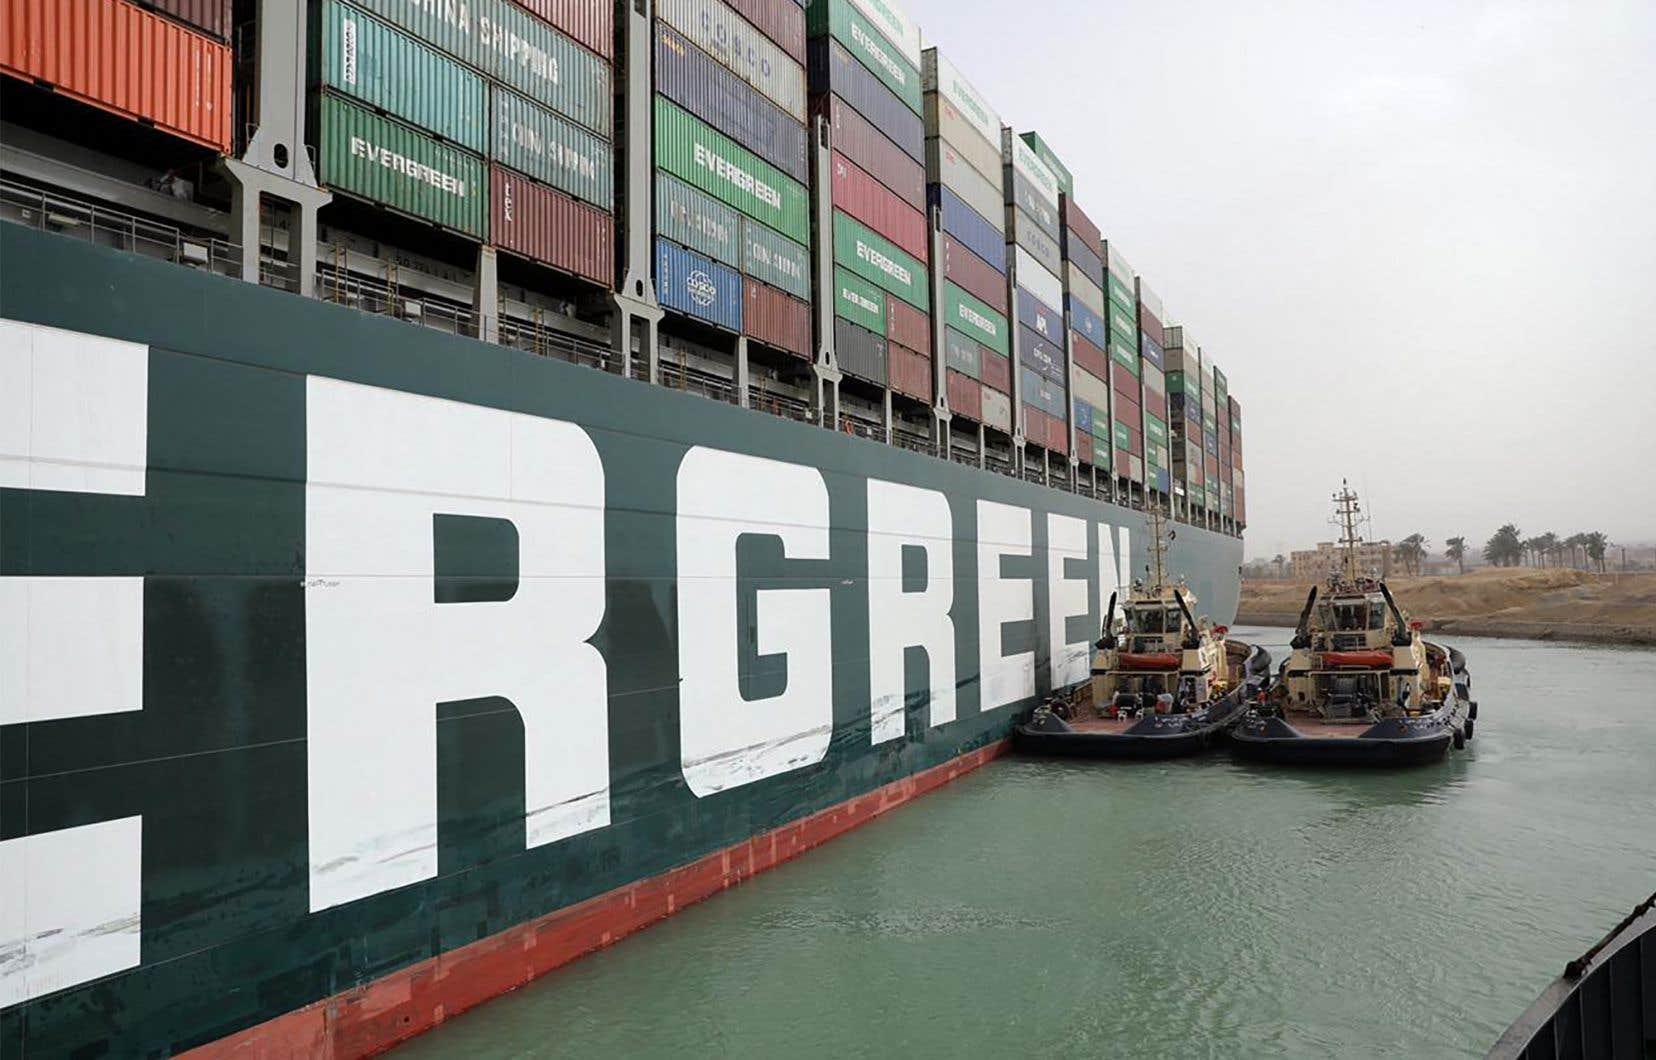 La société mandatée pour le «sauvetage» de l'<em>Ever Given</em> s'est montrée prudente, évoquant «des jours voire des semaines» pour la reprise du trafic sur le canal, qui voit passer, selon les experts, près de 10% du commerce maritime international.